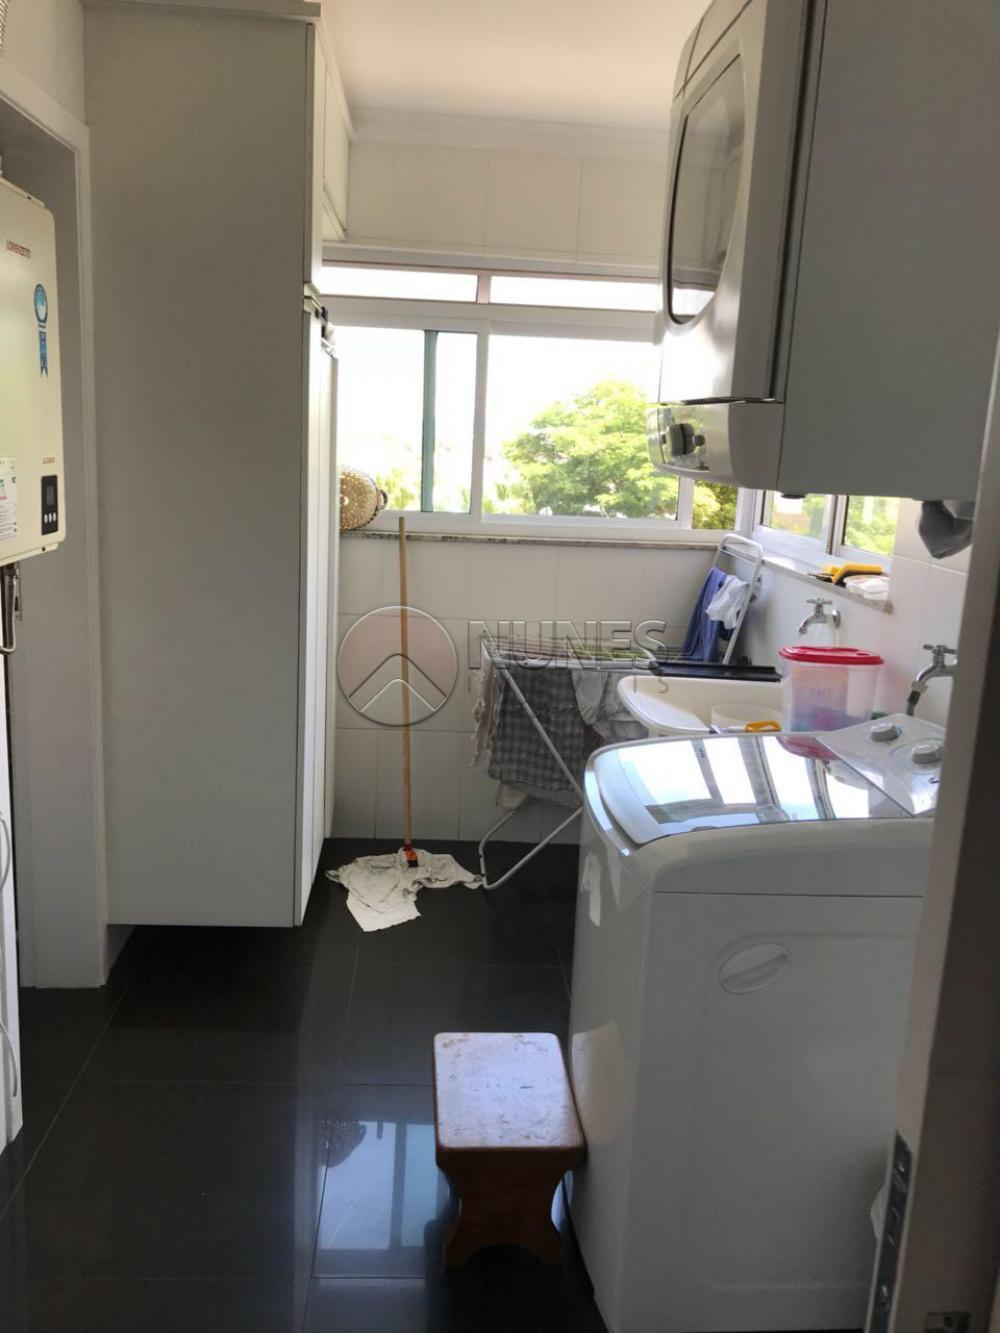 Comprar Apartamento / Padrão em Osasco apenas R$ 1.495.000,00 - Foto 11